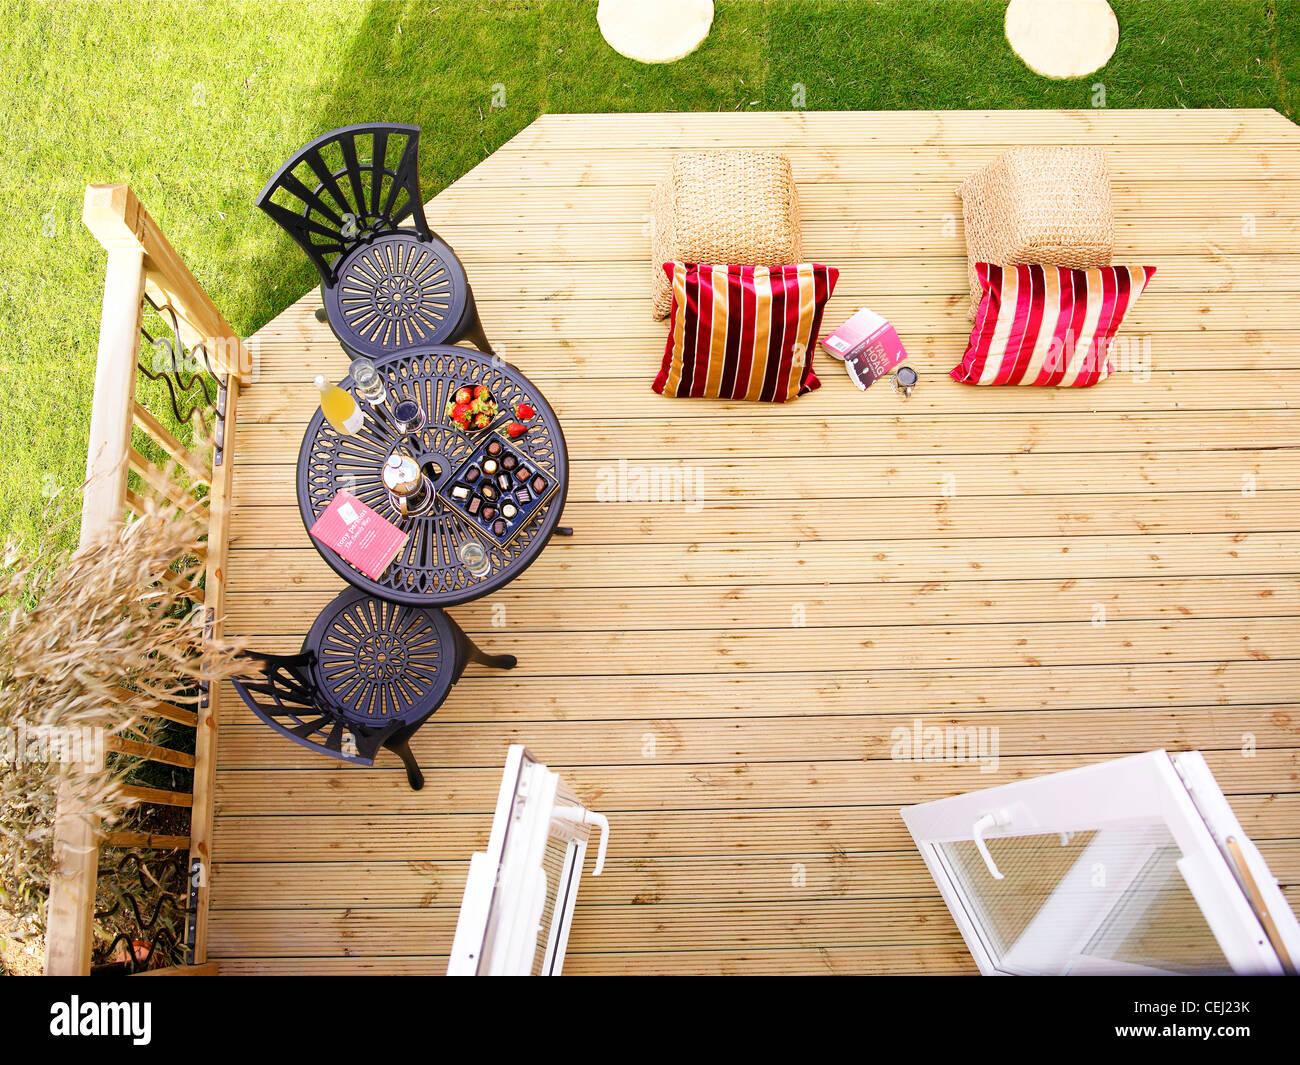 Deck Chairs And Garden Stockfotos und  bilder Kaufen   Alamy